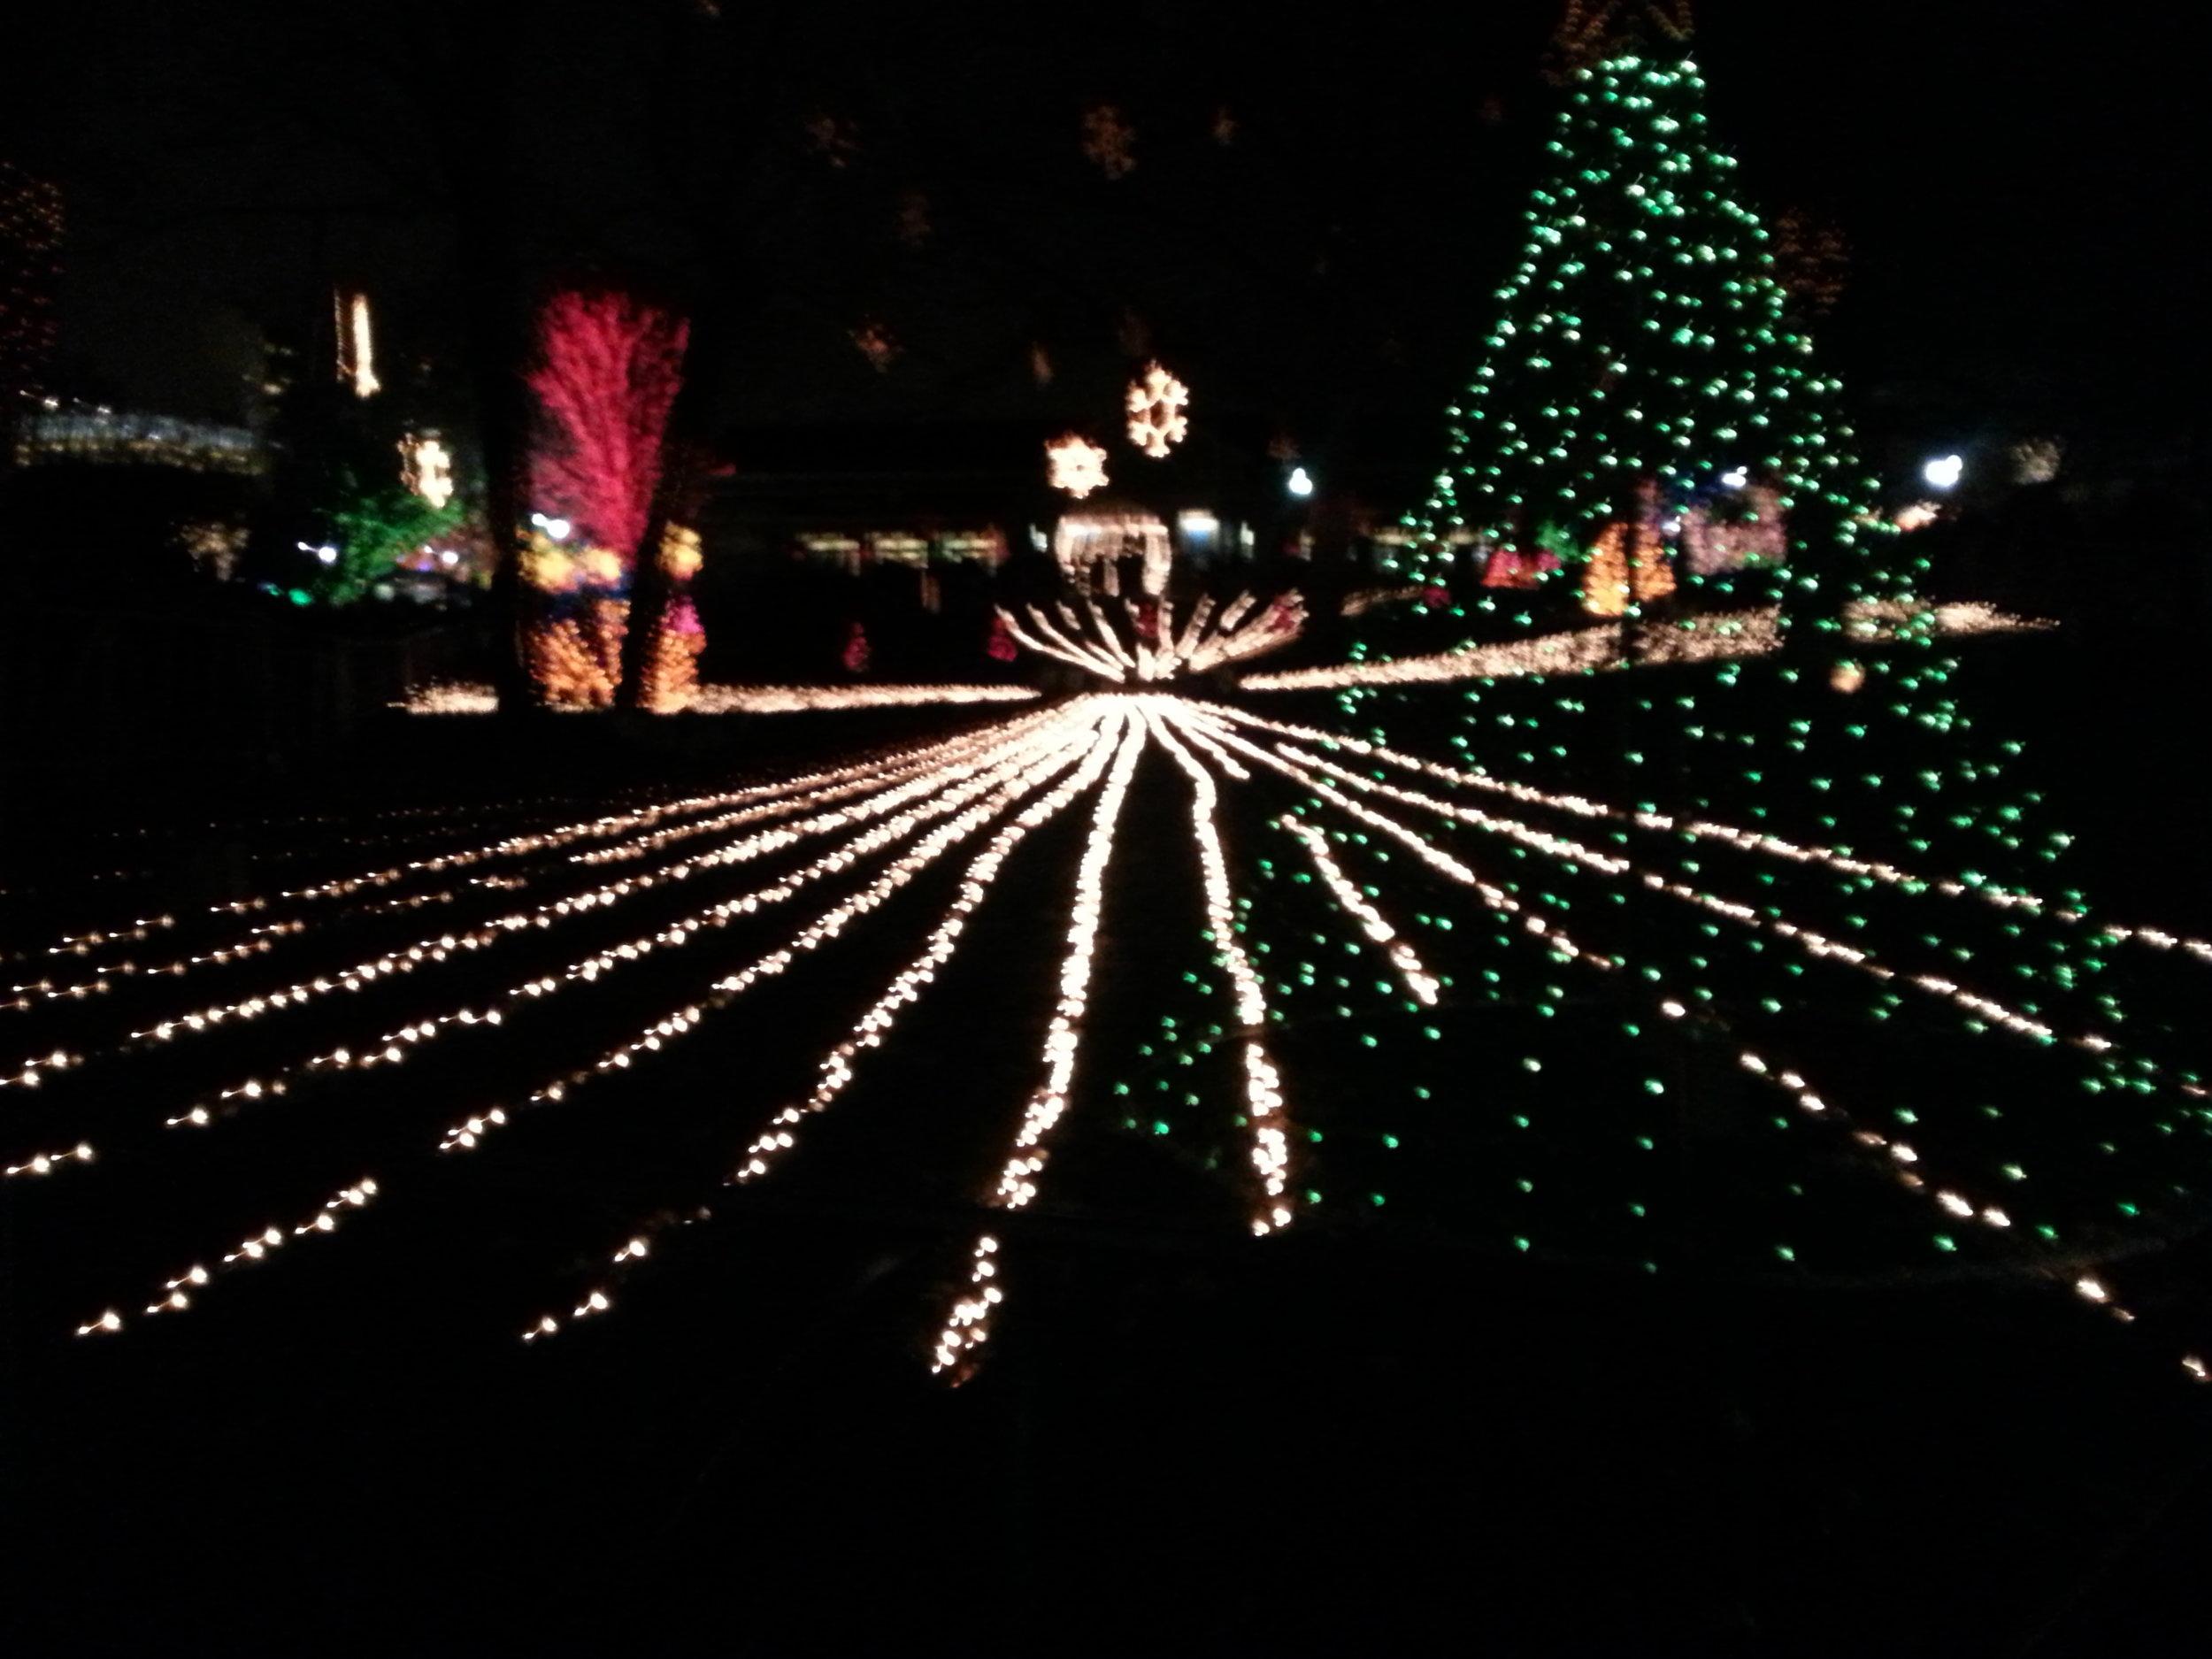 LED Christmas Tree & Professional Holiday Lighting